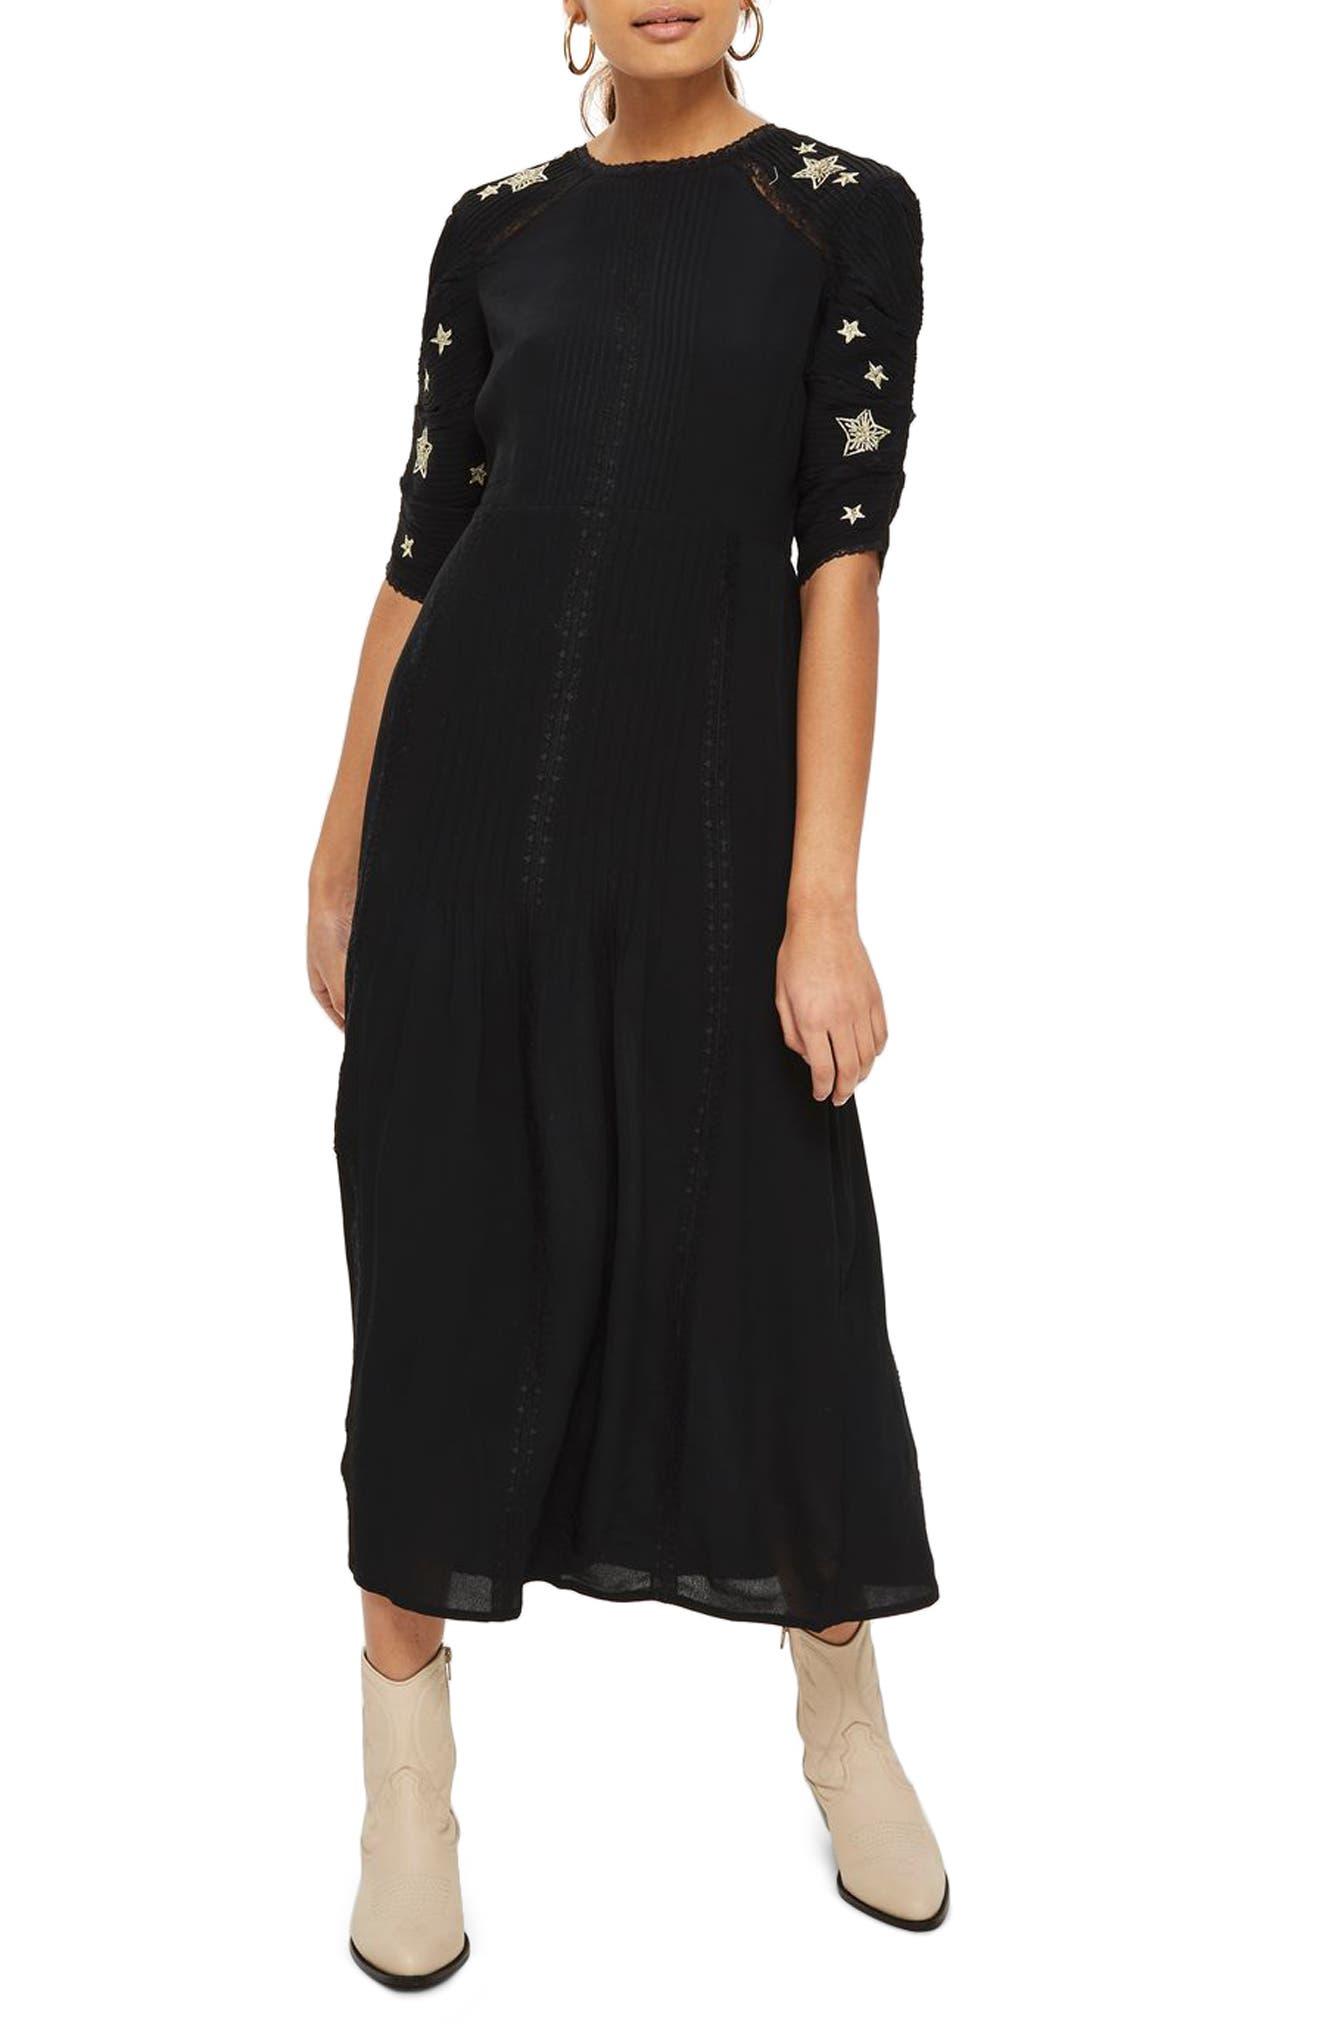 Star Embroidered Midi Dress,                         Main,                         color, Black Multi